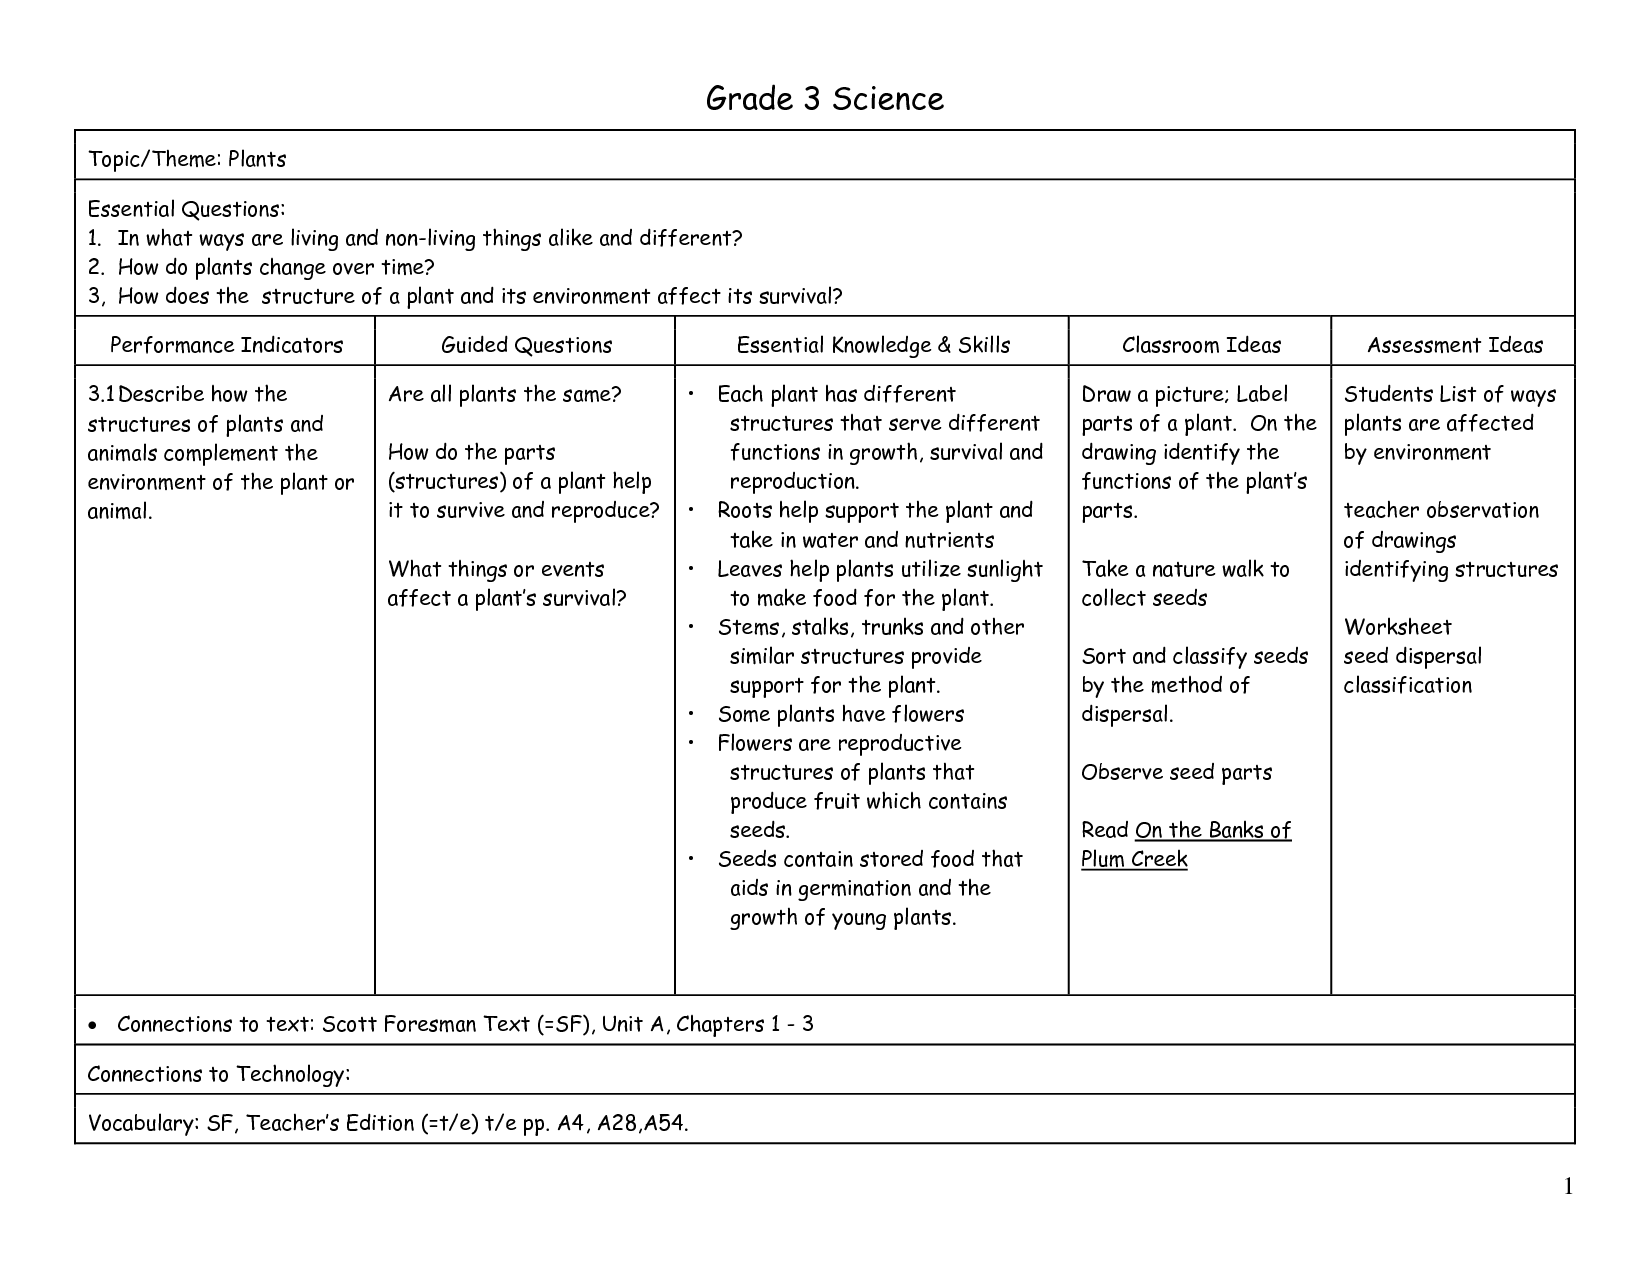 hight resolution of plants grade 3   Grade 3 Science Worksheet - PDF   Grade 3 science